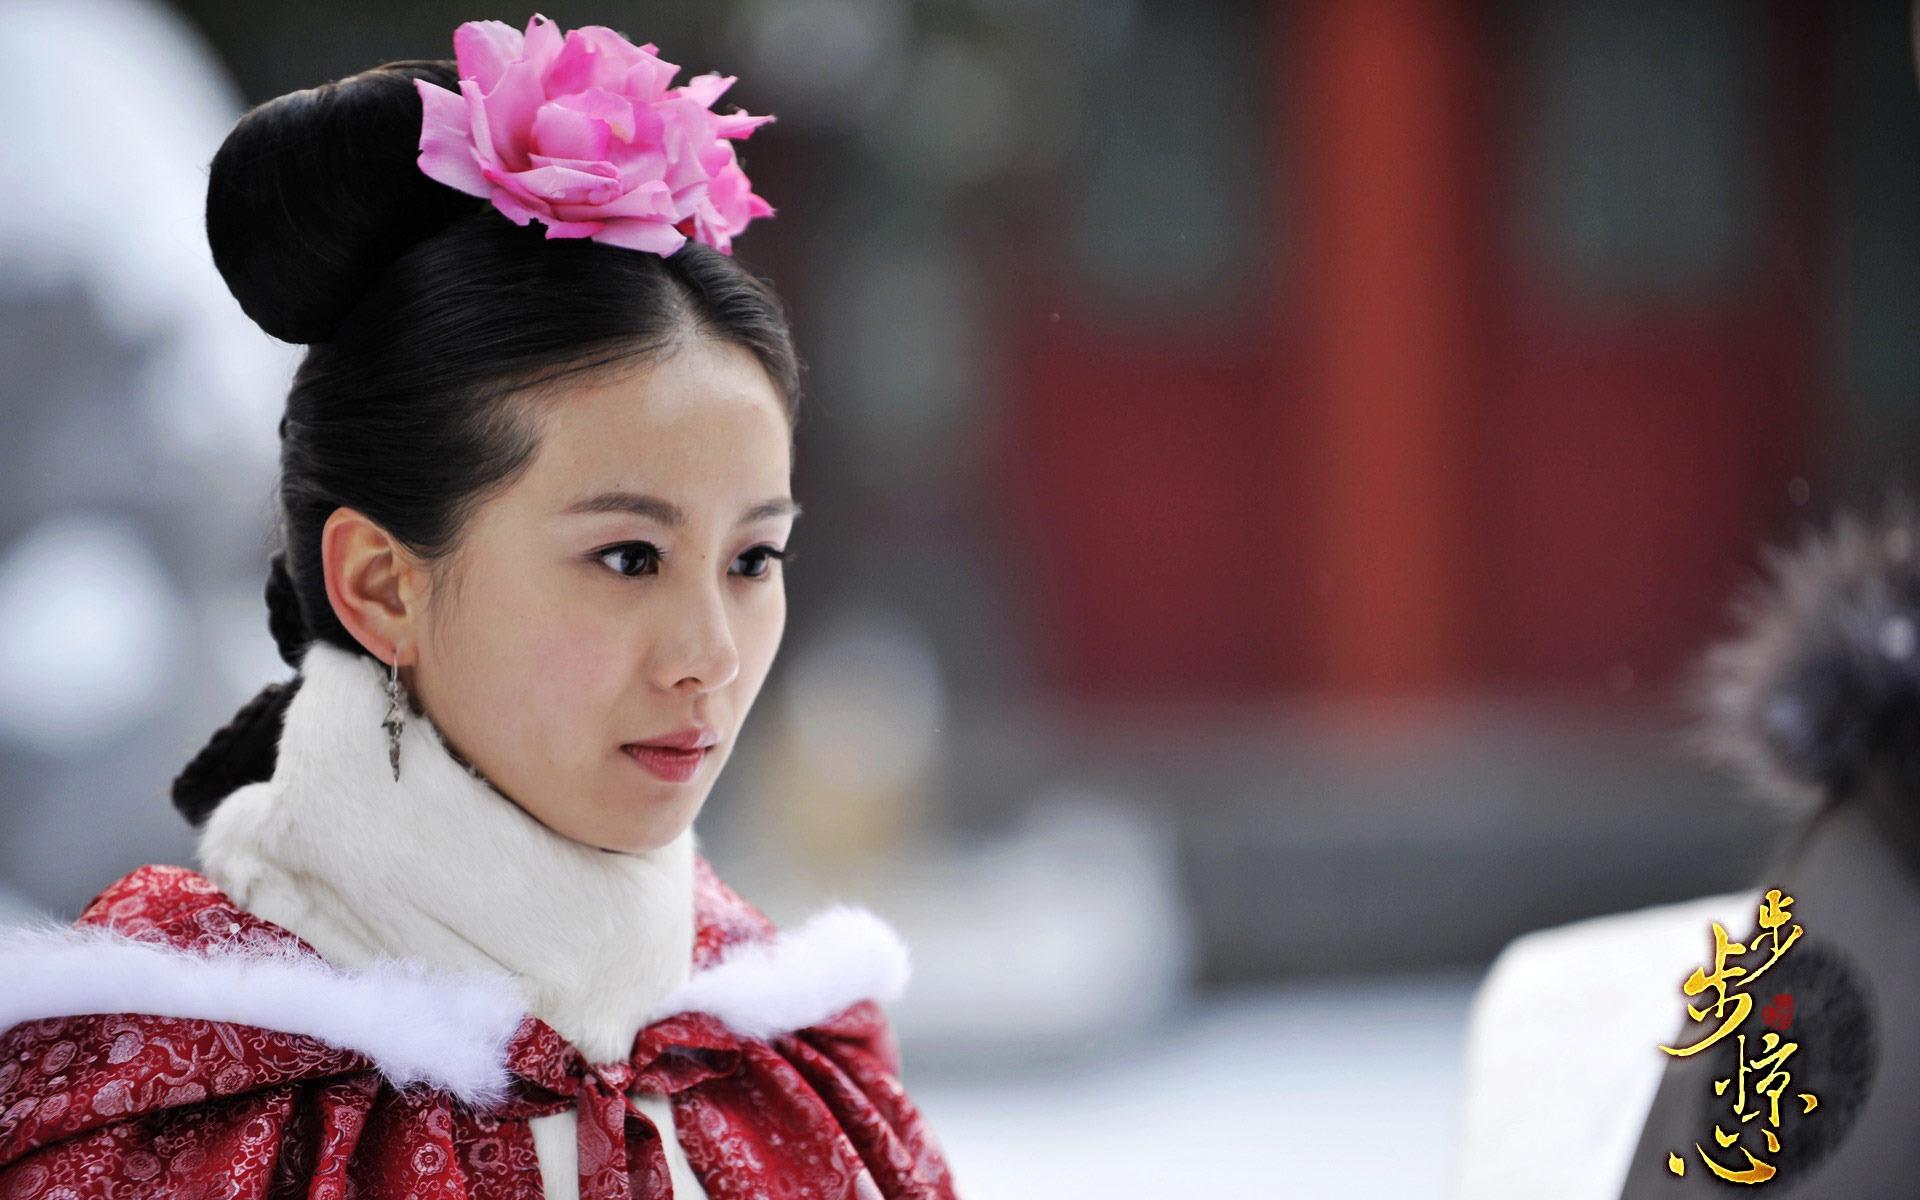 刘诗诗近态曝光,活动现场气色极好,生娃后依旧貌美路人夸其仙女